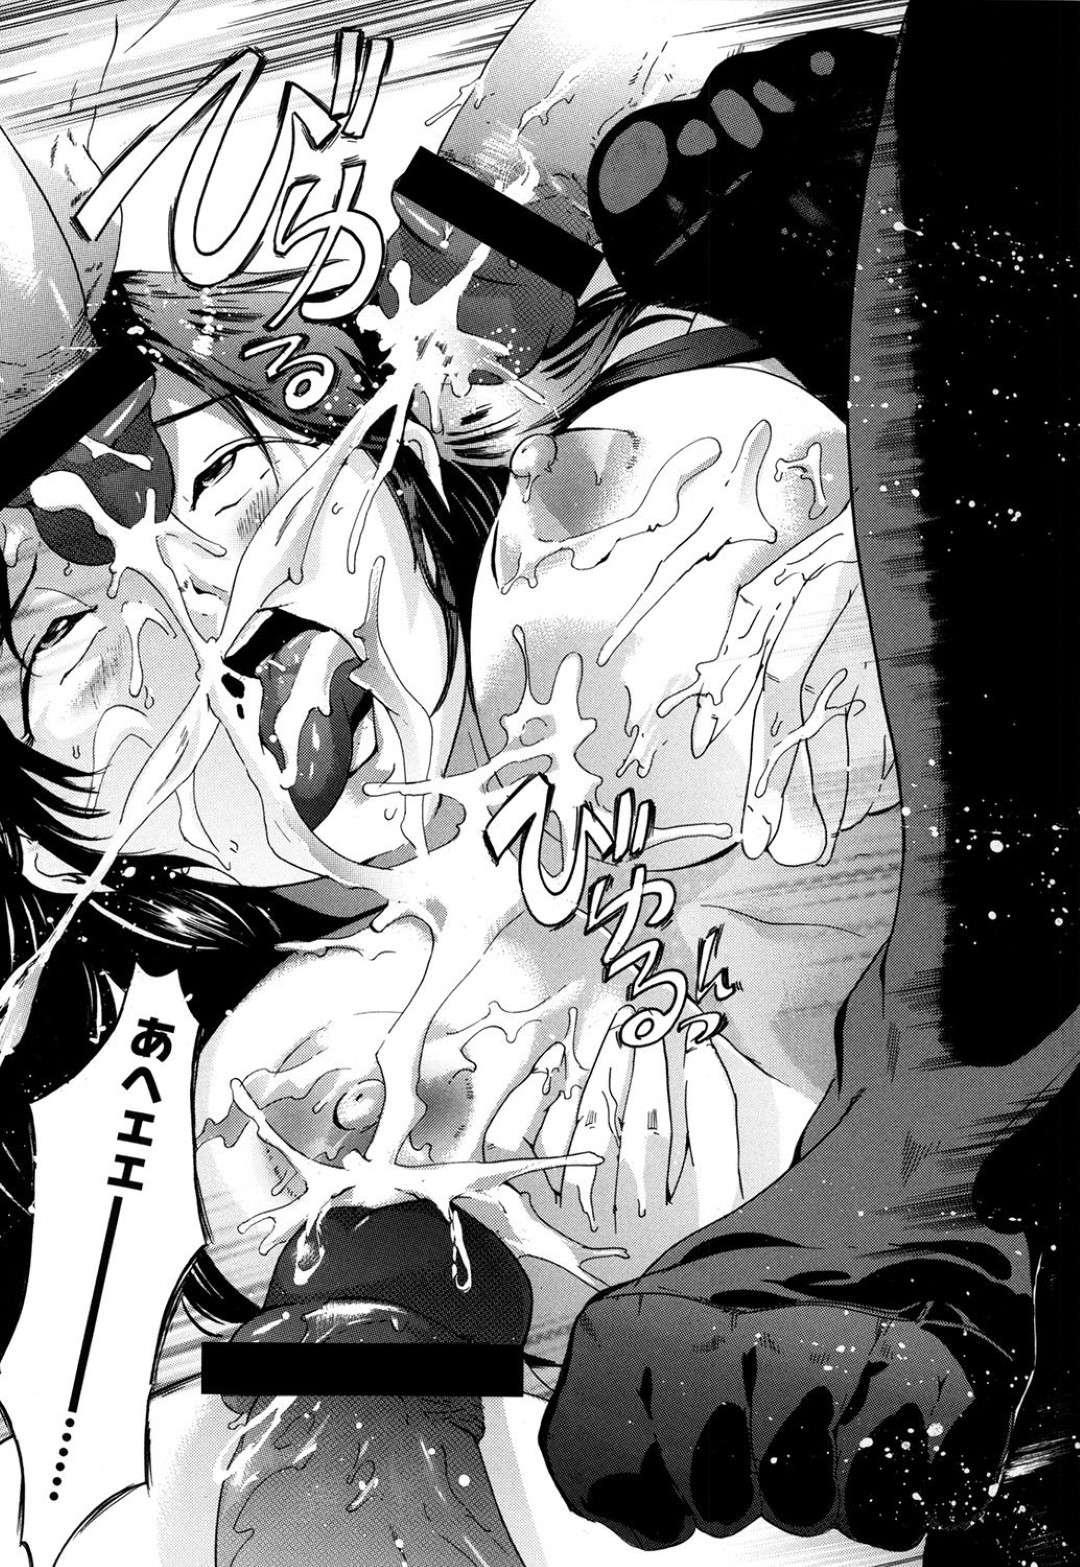 【エロ漫画】野球部の性処理係として使われるムチムチJK…彼女は部員たちに囲まれてフェラさせられたり、中出しされたりと輪姦されて精子まみれになる!【DEN助:青春肉便器】